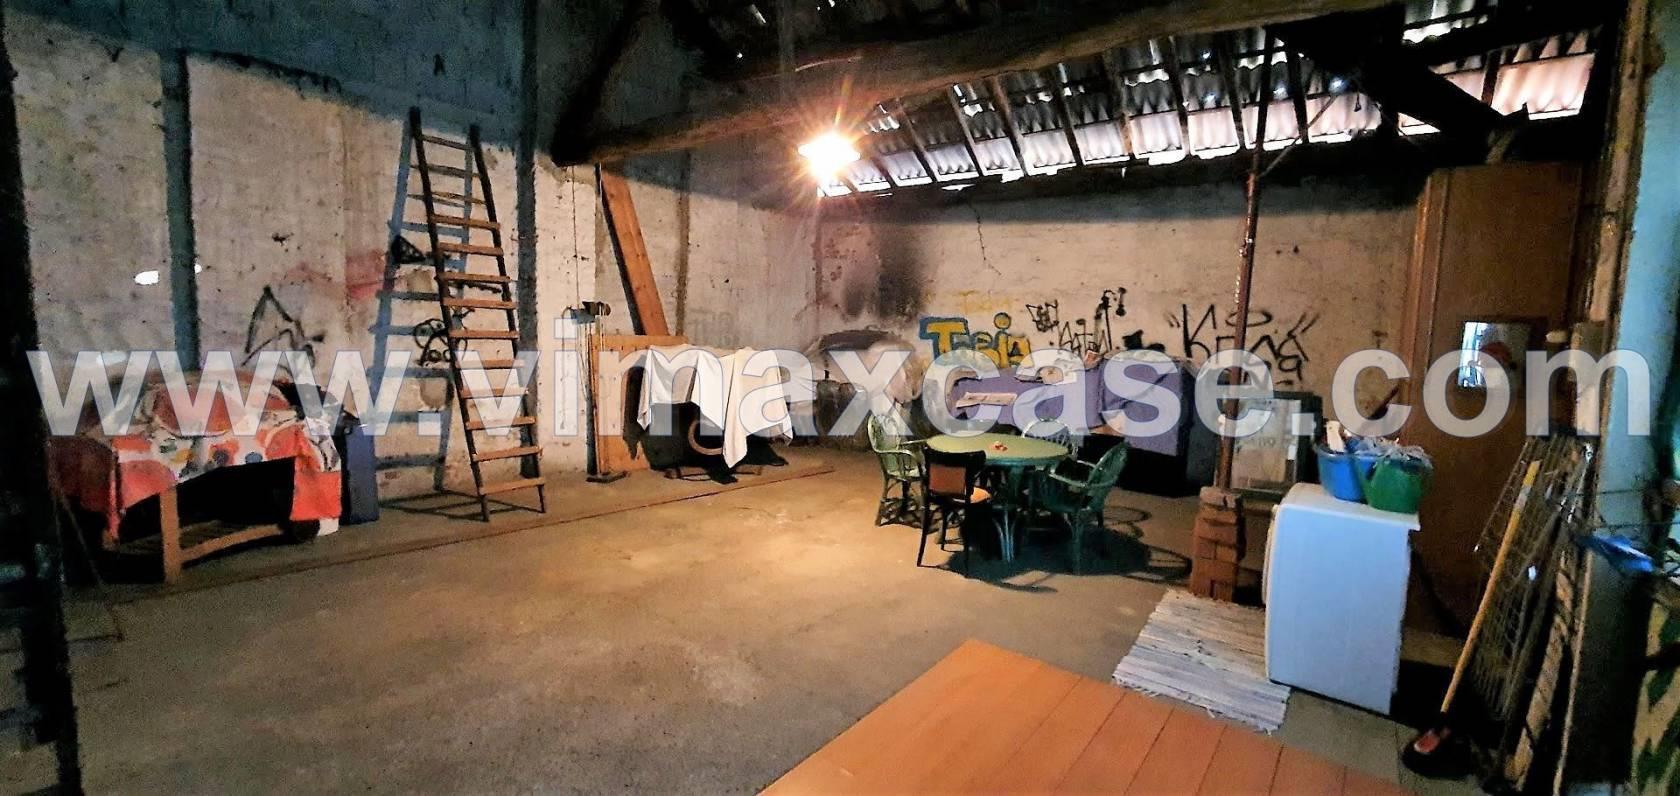 Foto 5 - Appartamento in Vendita - Brugherio (Monza e Brianza)